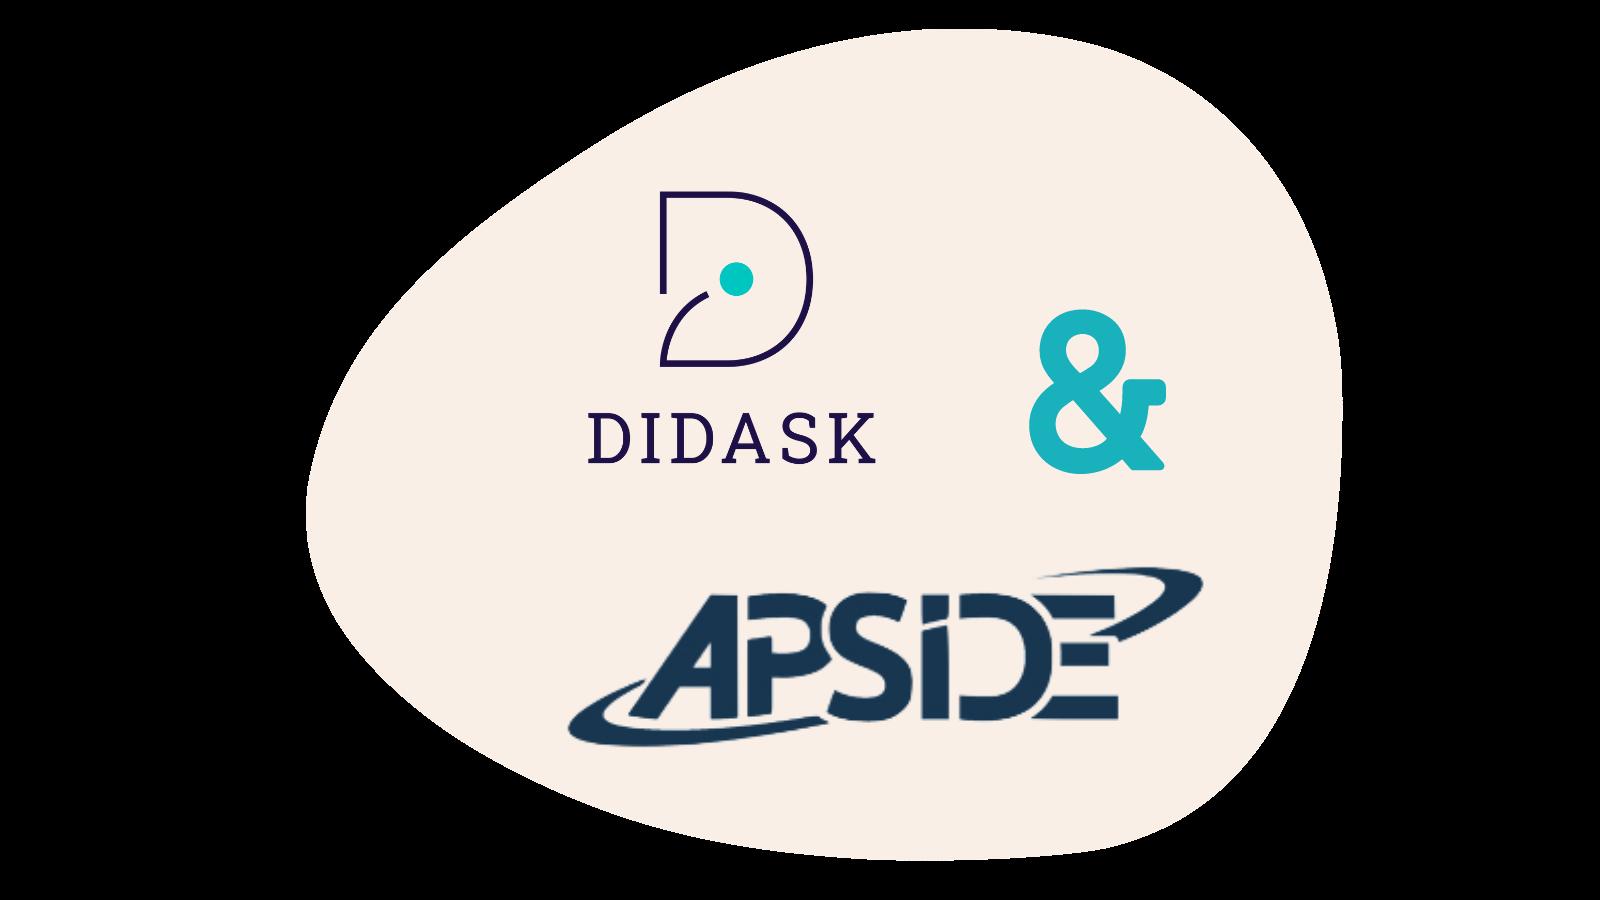 logo Didask et Apside - Enrichir et concevoir soi-même ses formations en digital learning : Apside témoigne !